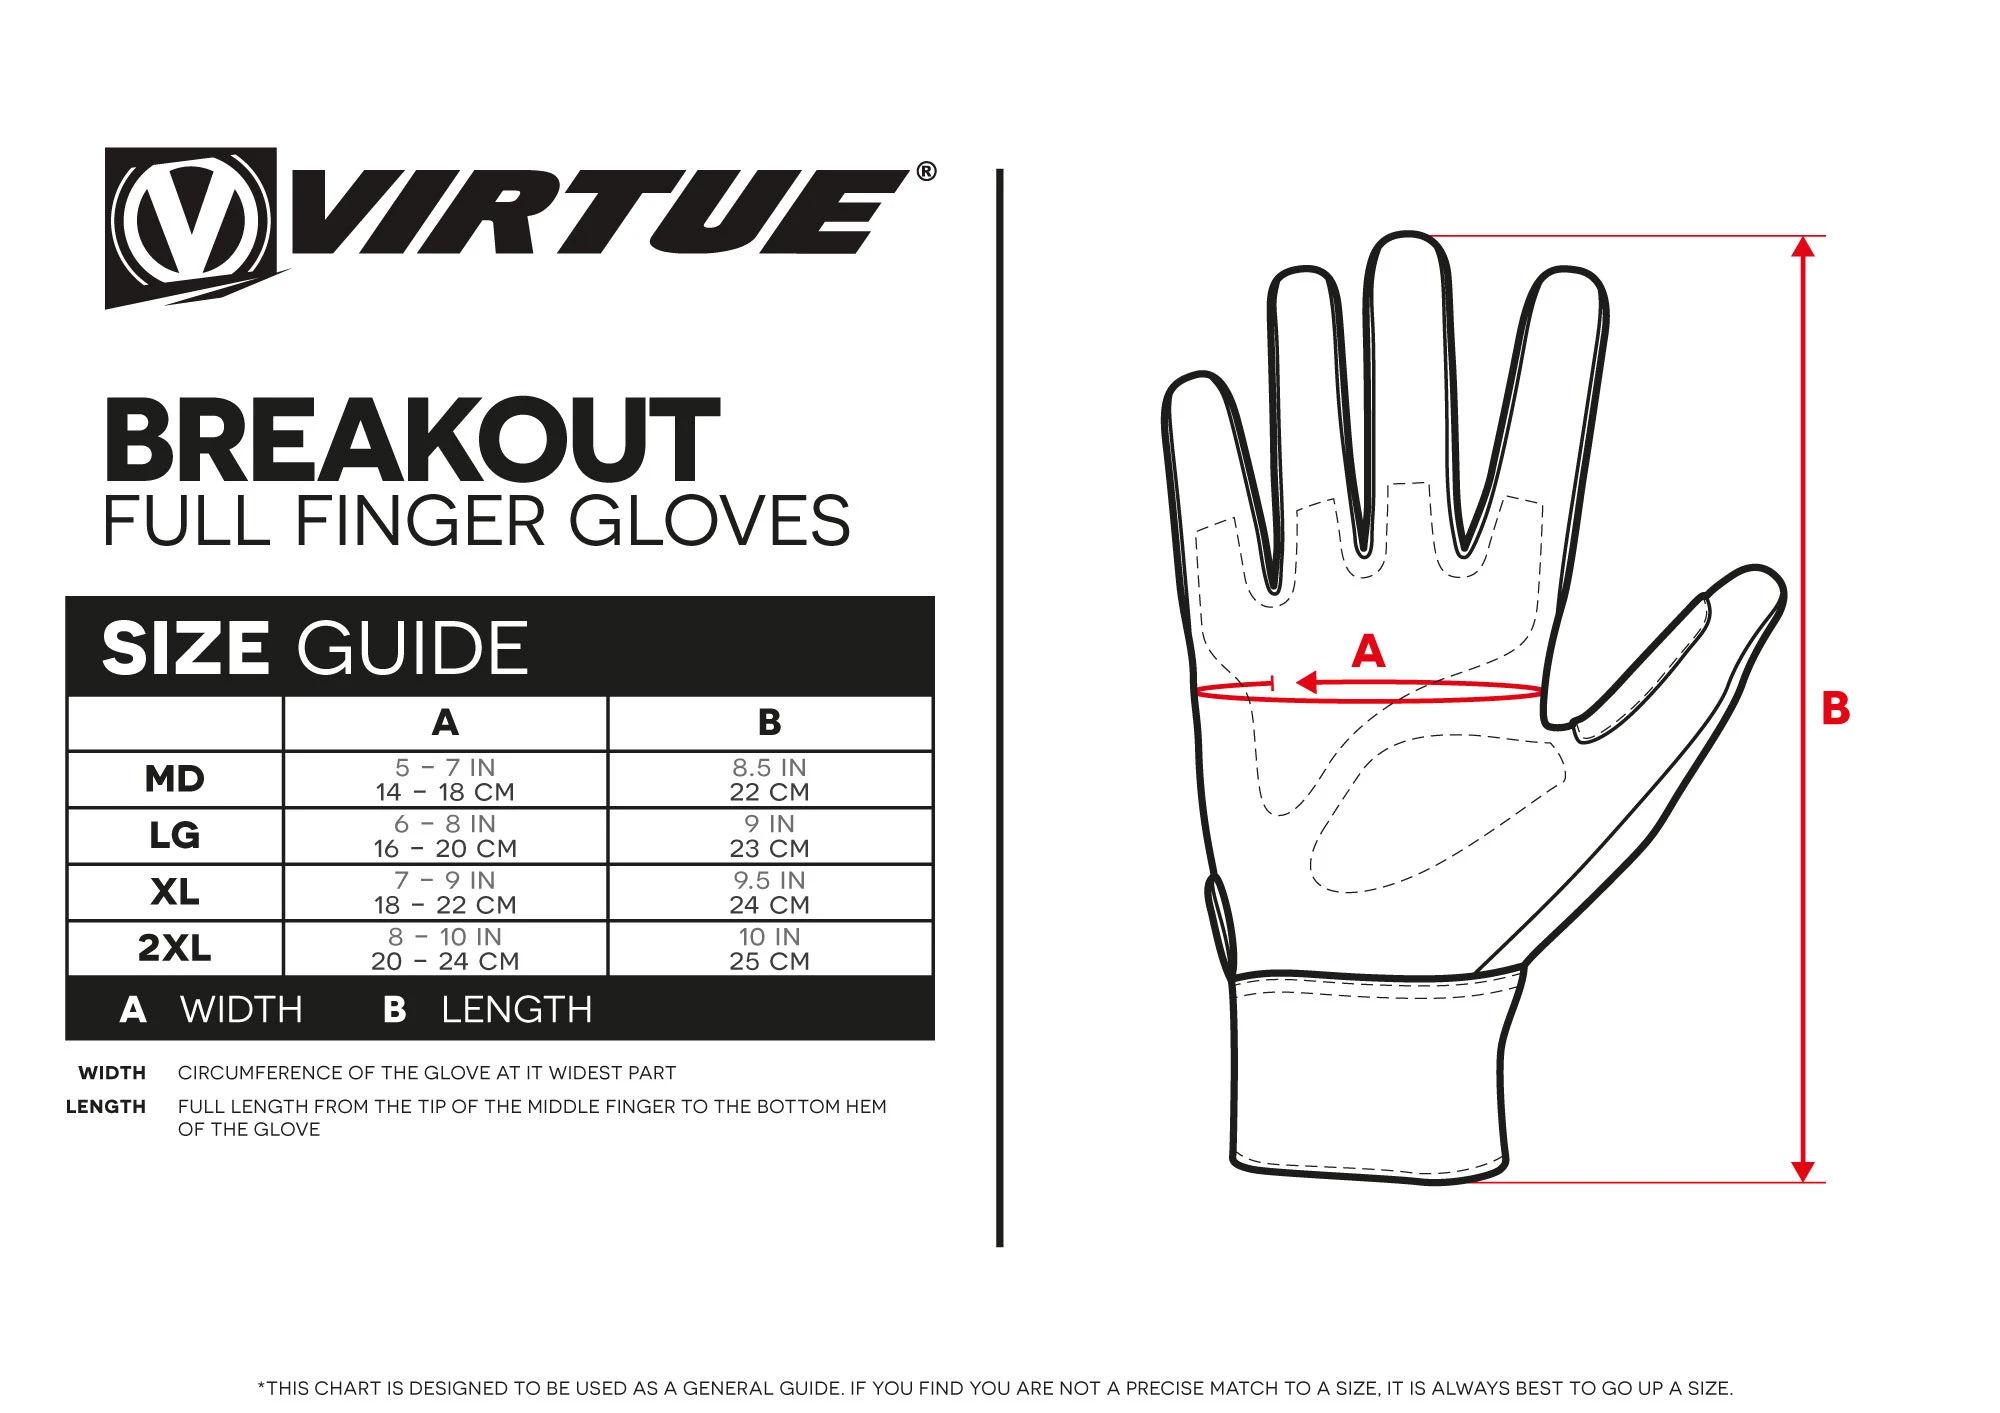 Virtue Breakot Full Finger Gloves